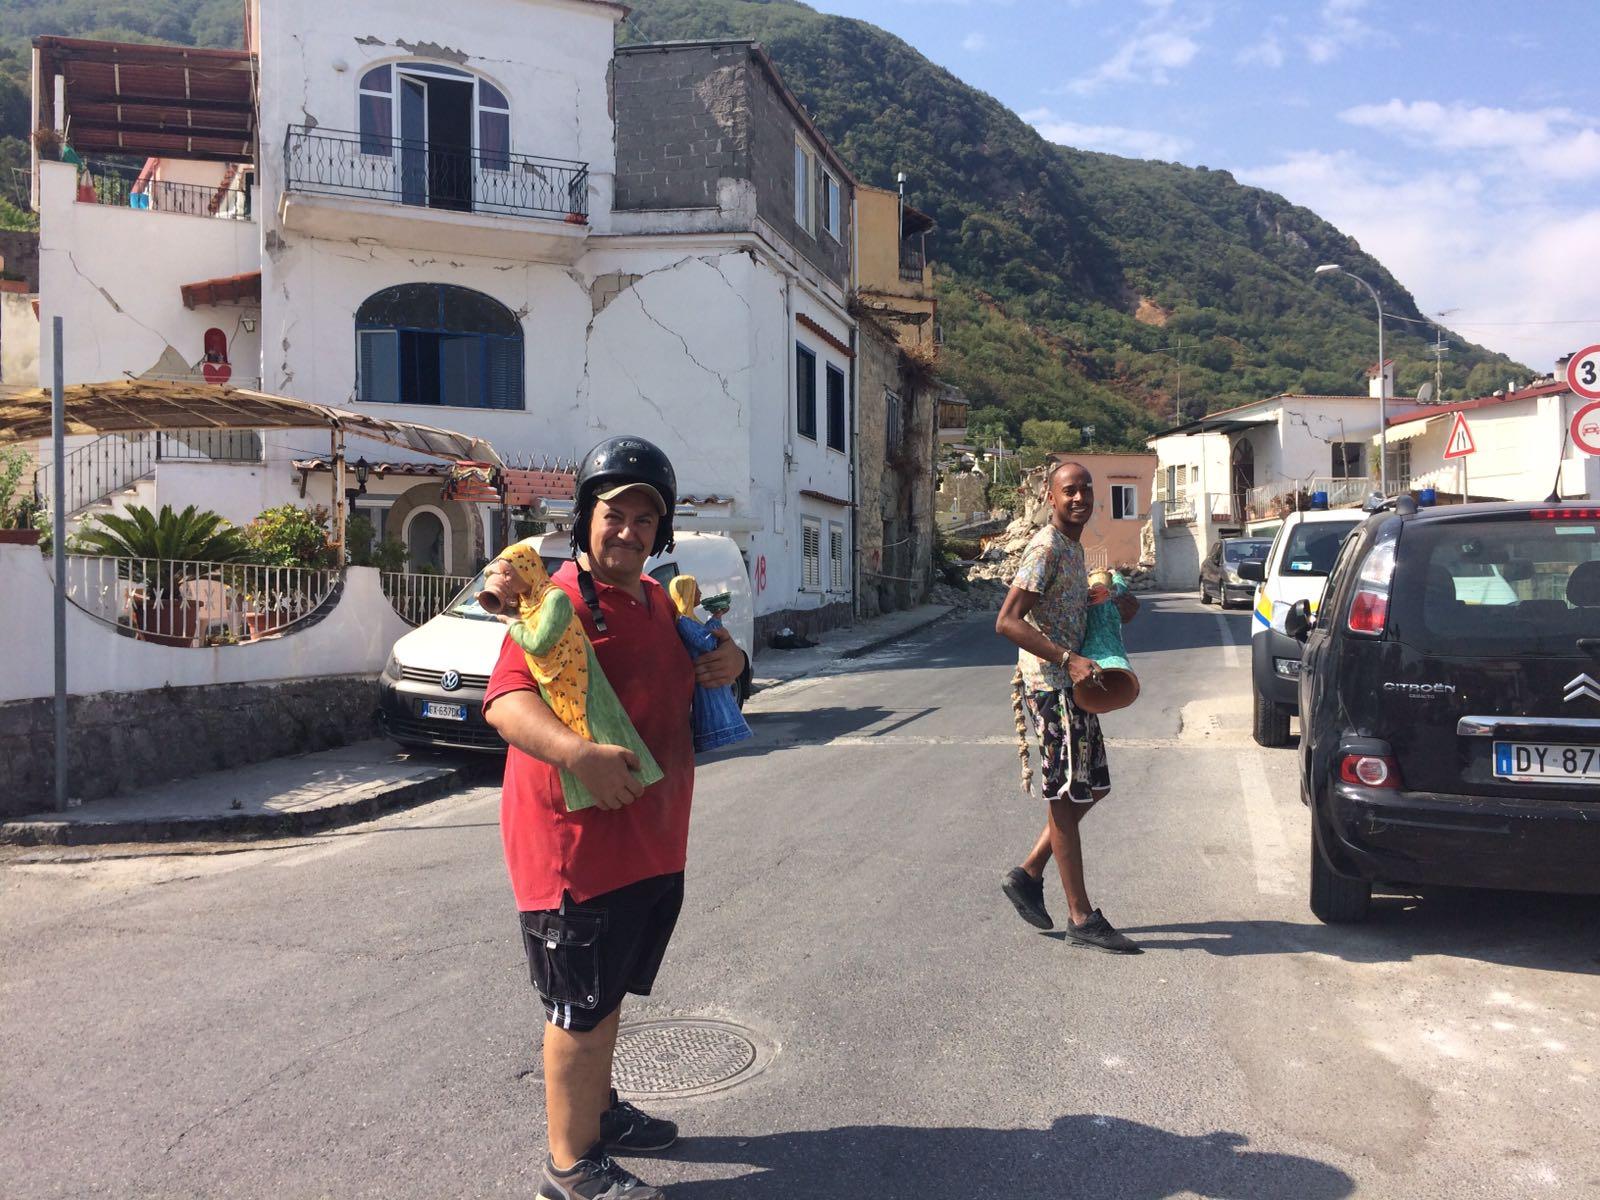 Oggi Mattarella a Ischia: atteso a Casamicciola